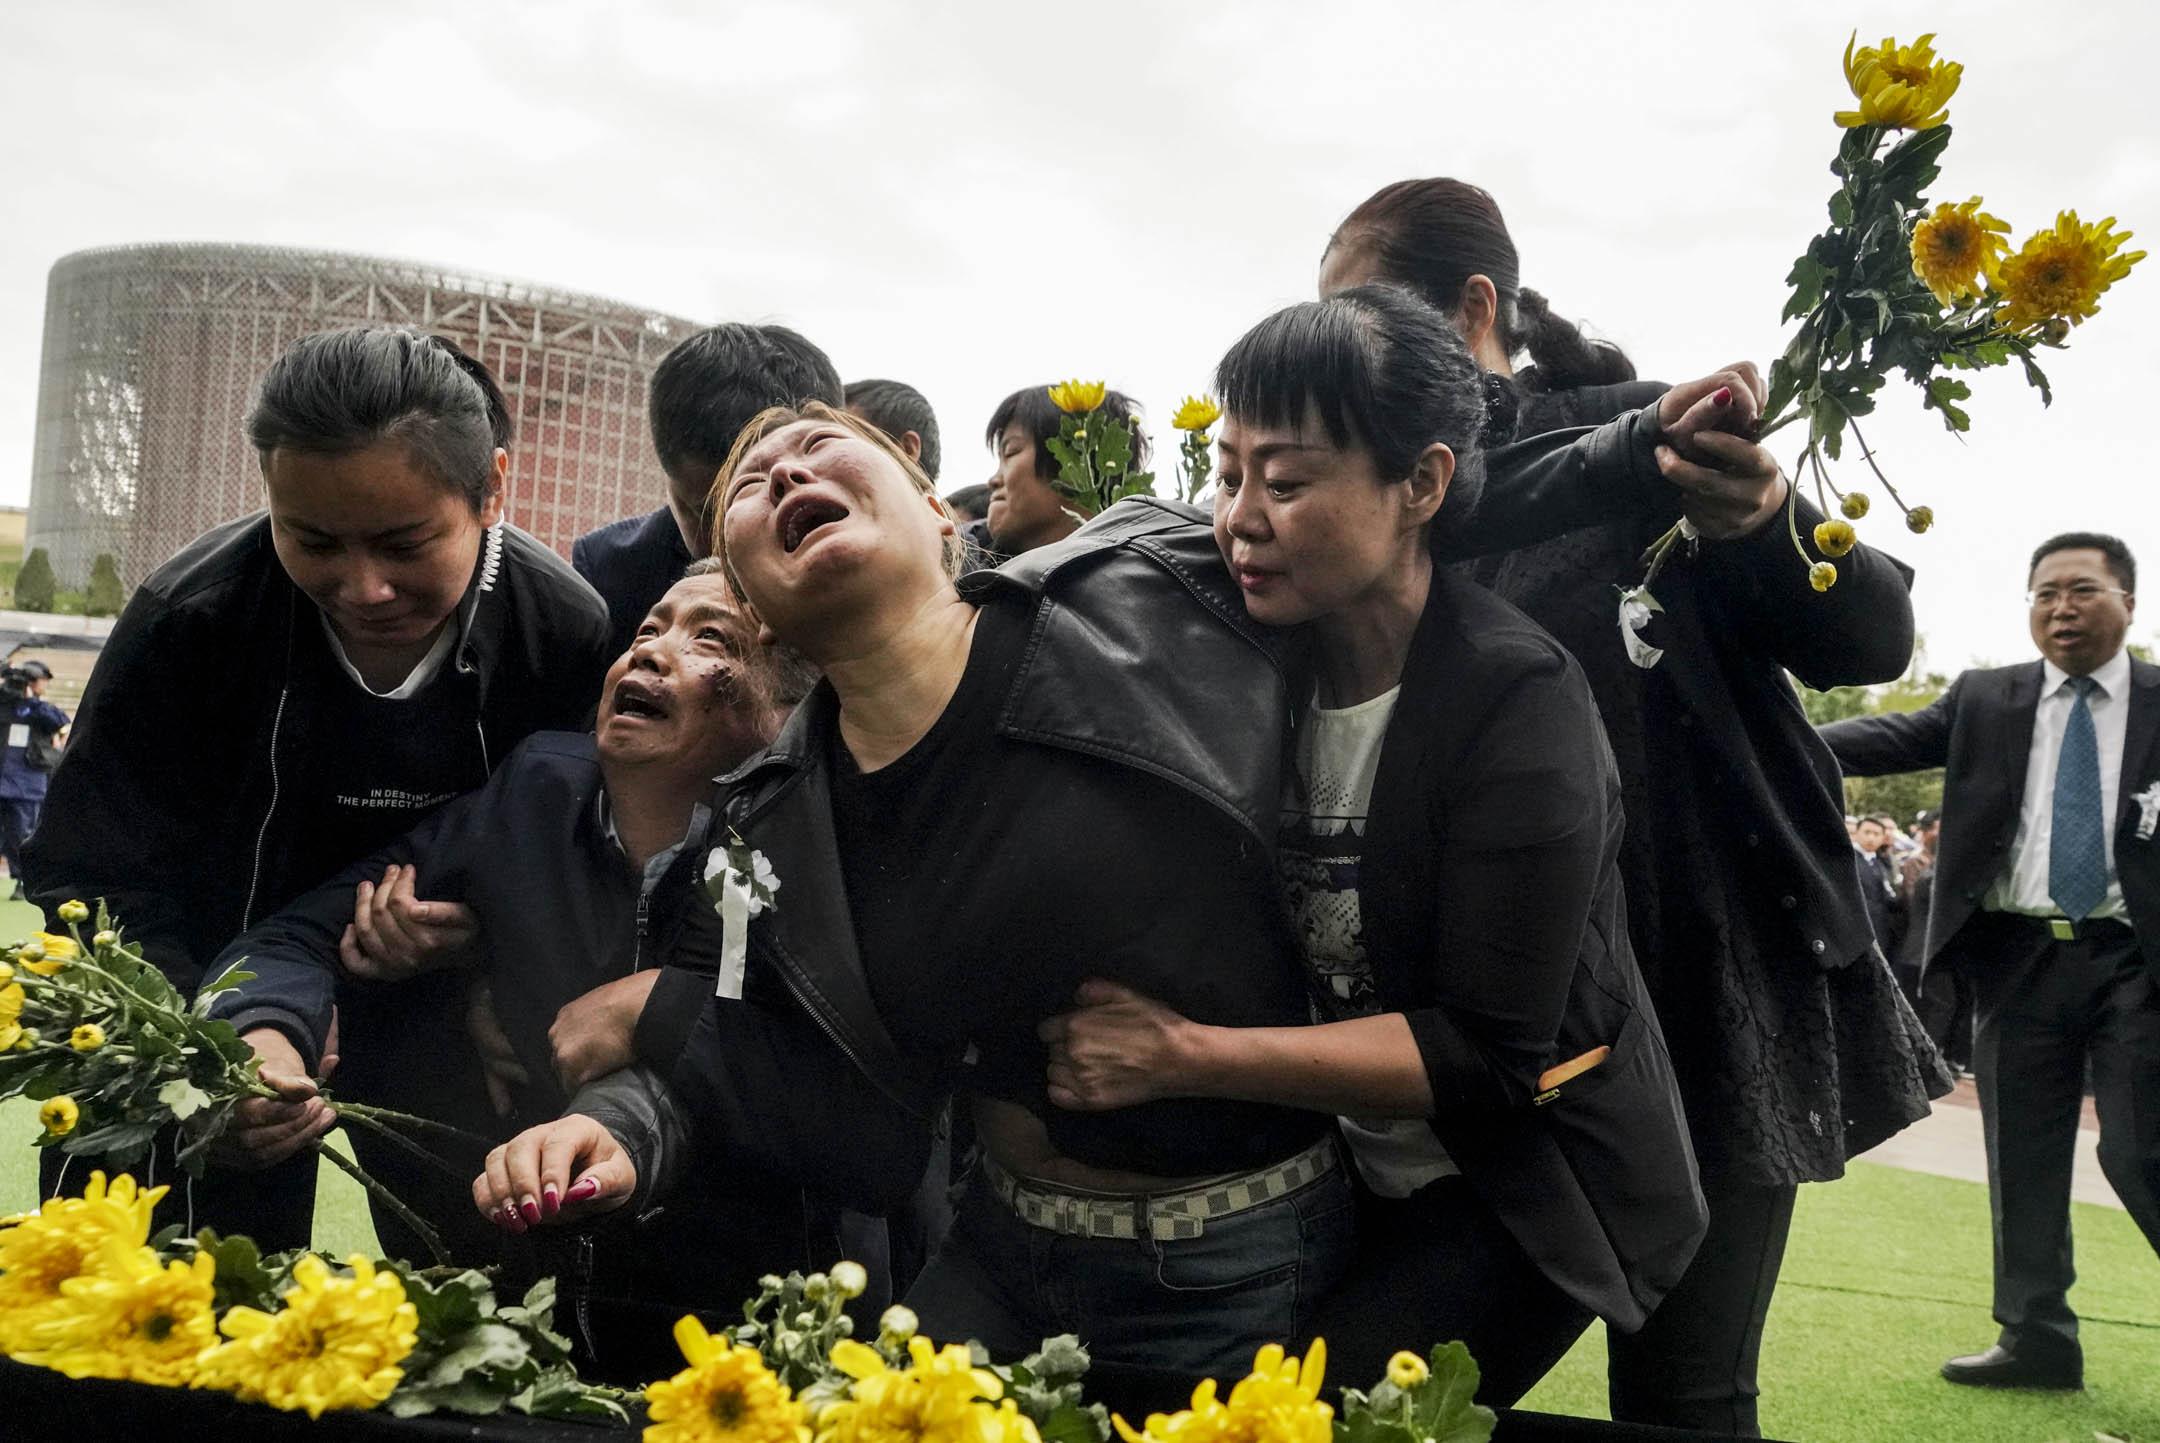 2019年4月4日,為悼念於四川涼山殉職的消防員,西昌市在火把廣場舉行集體追悼會,親人悲痛難抑。 圖:IC photo